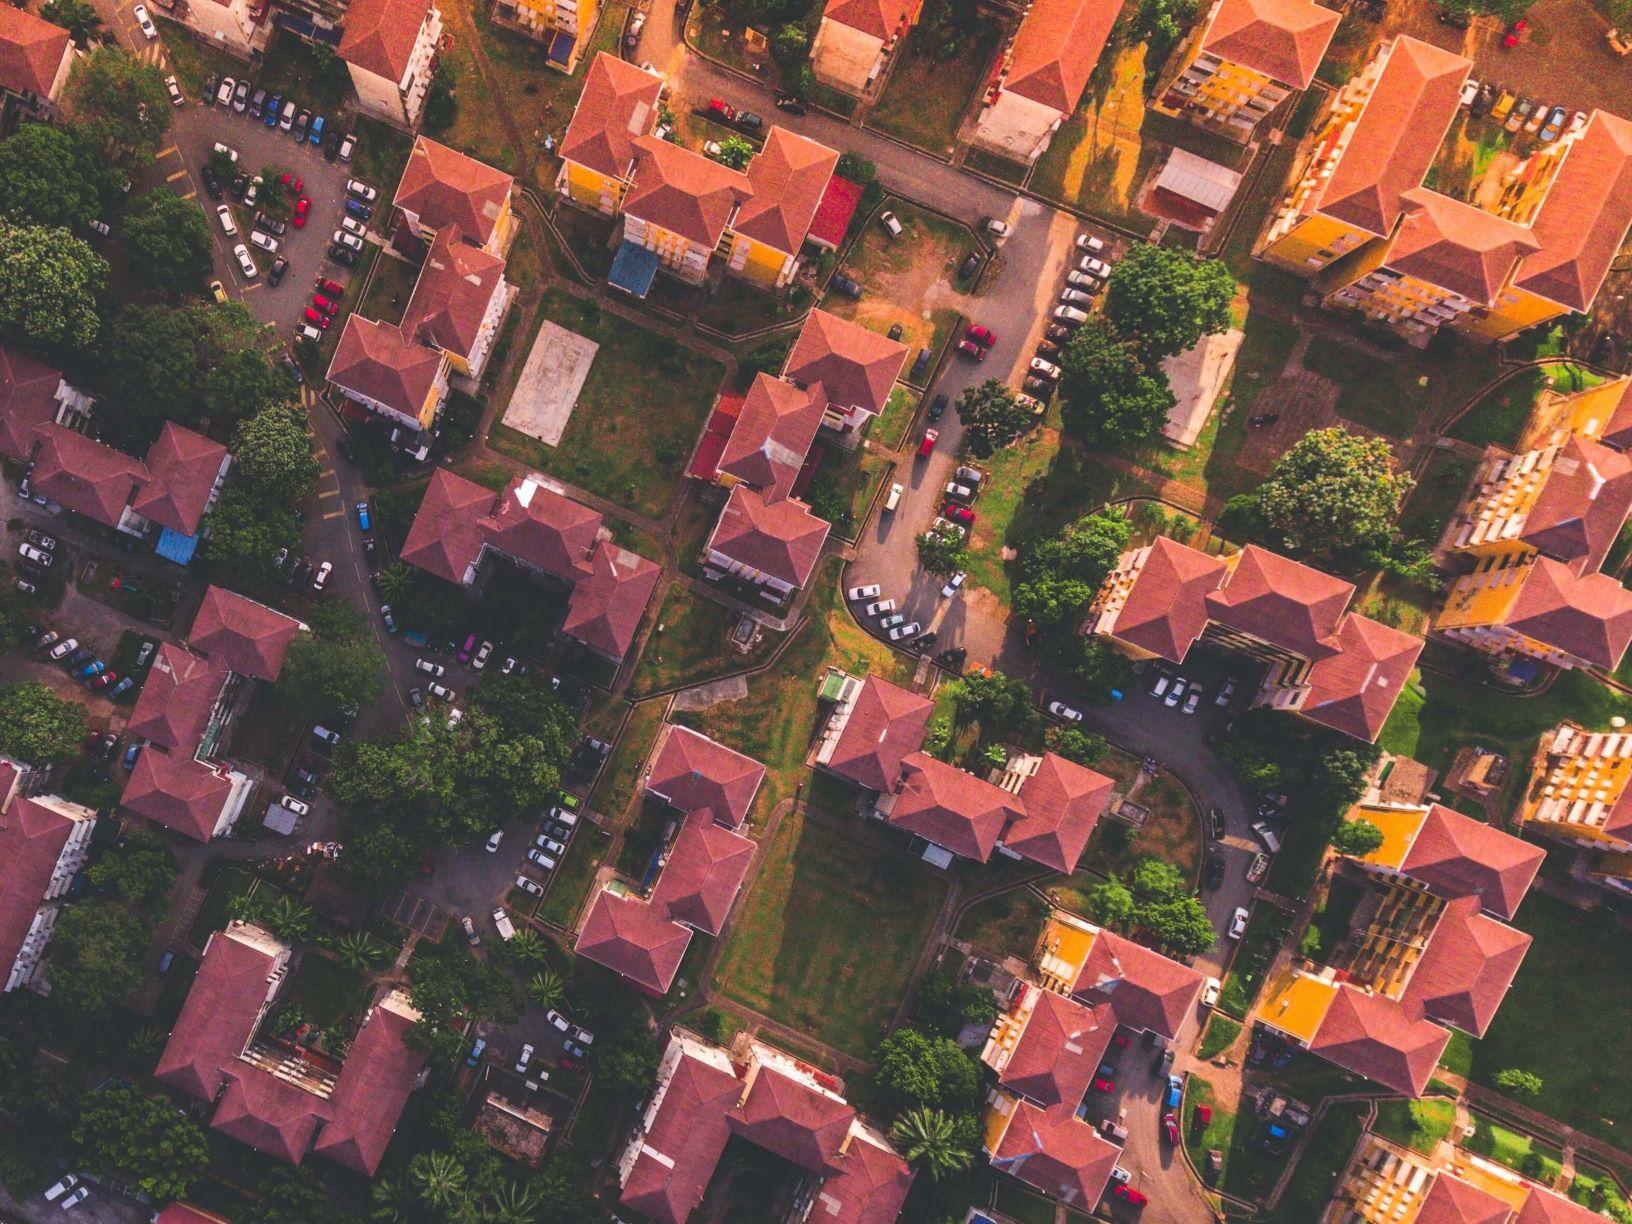 Online Housing Platform Beike Nears USD 10 Billion Value, Source Says